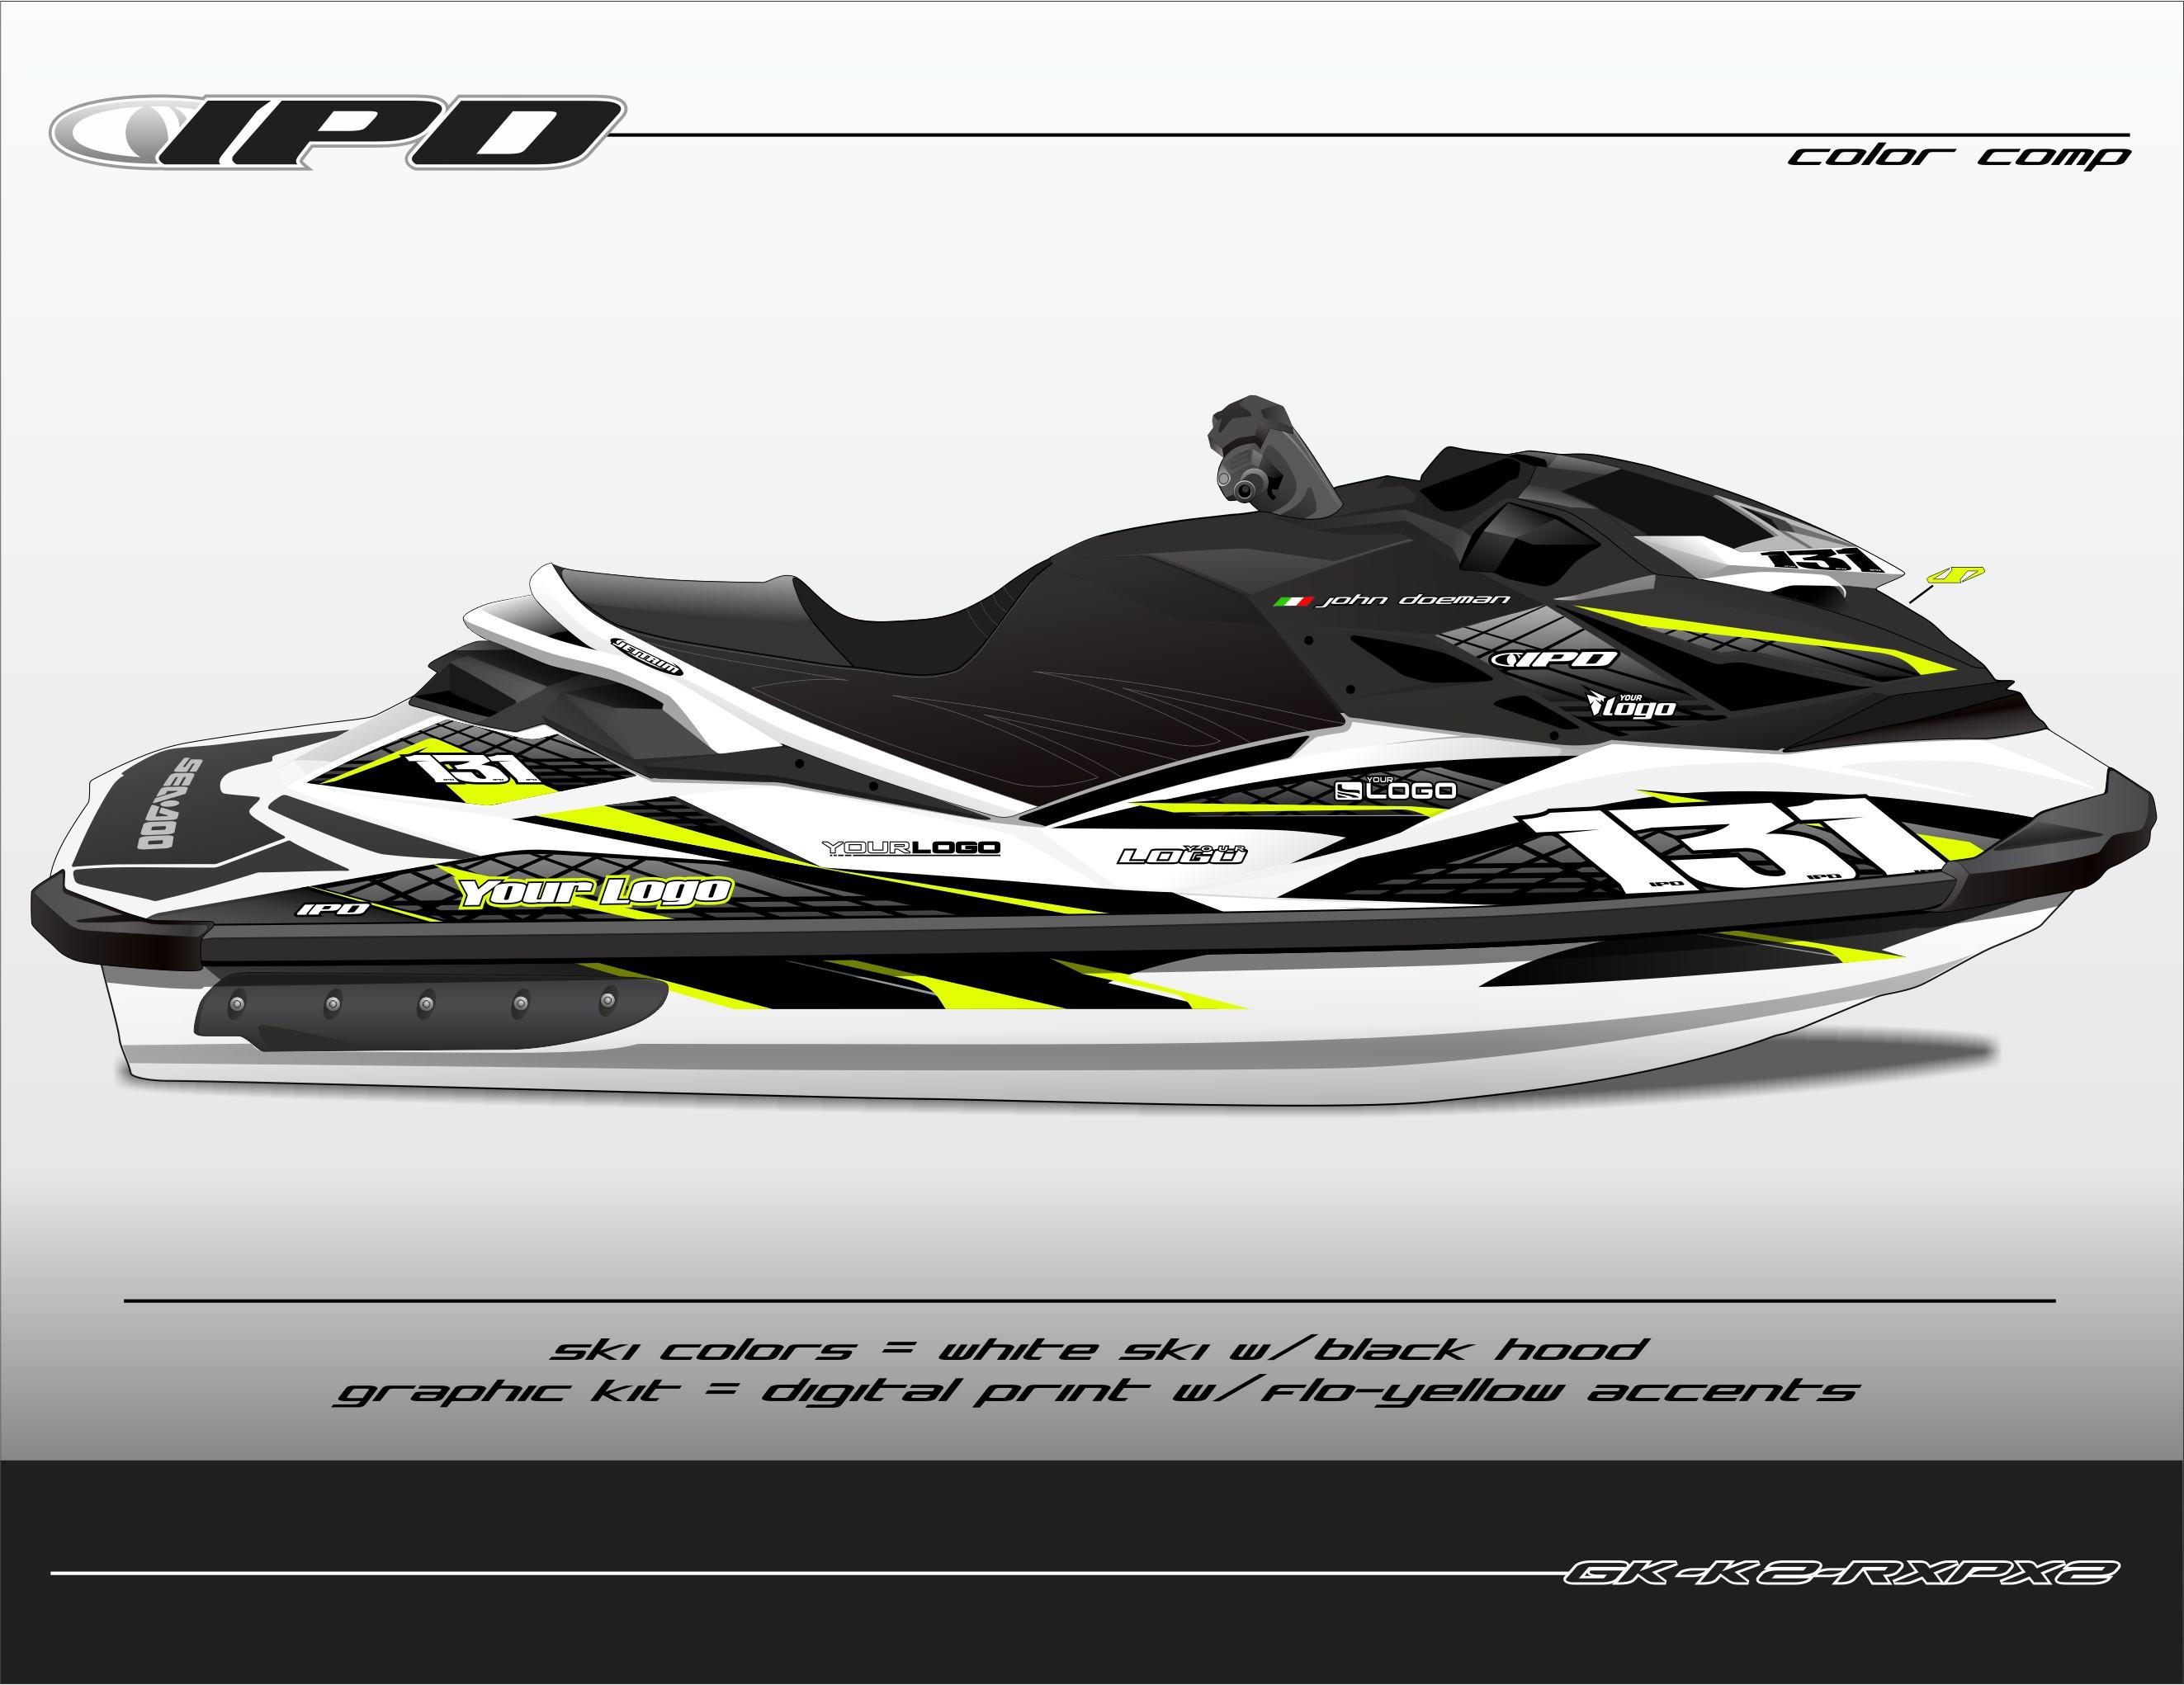 GK-K2-RXPX2 (Flo-Yellow Accents on White Ski, Black Hood)